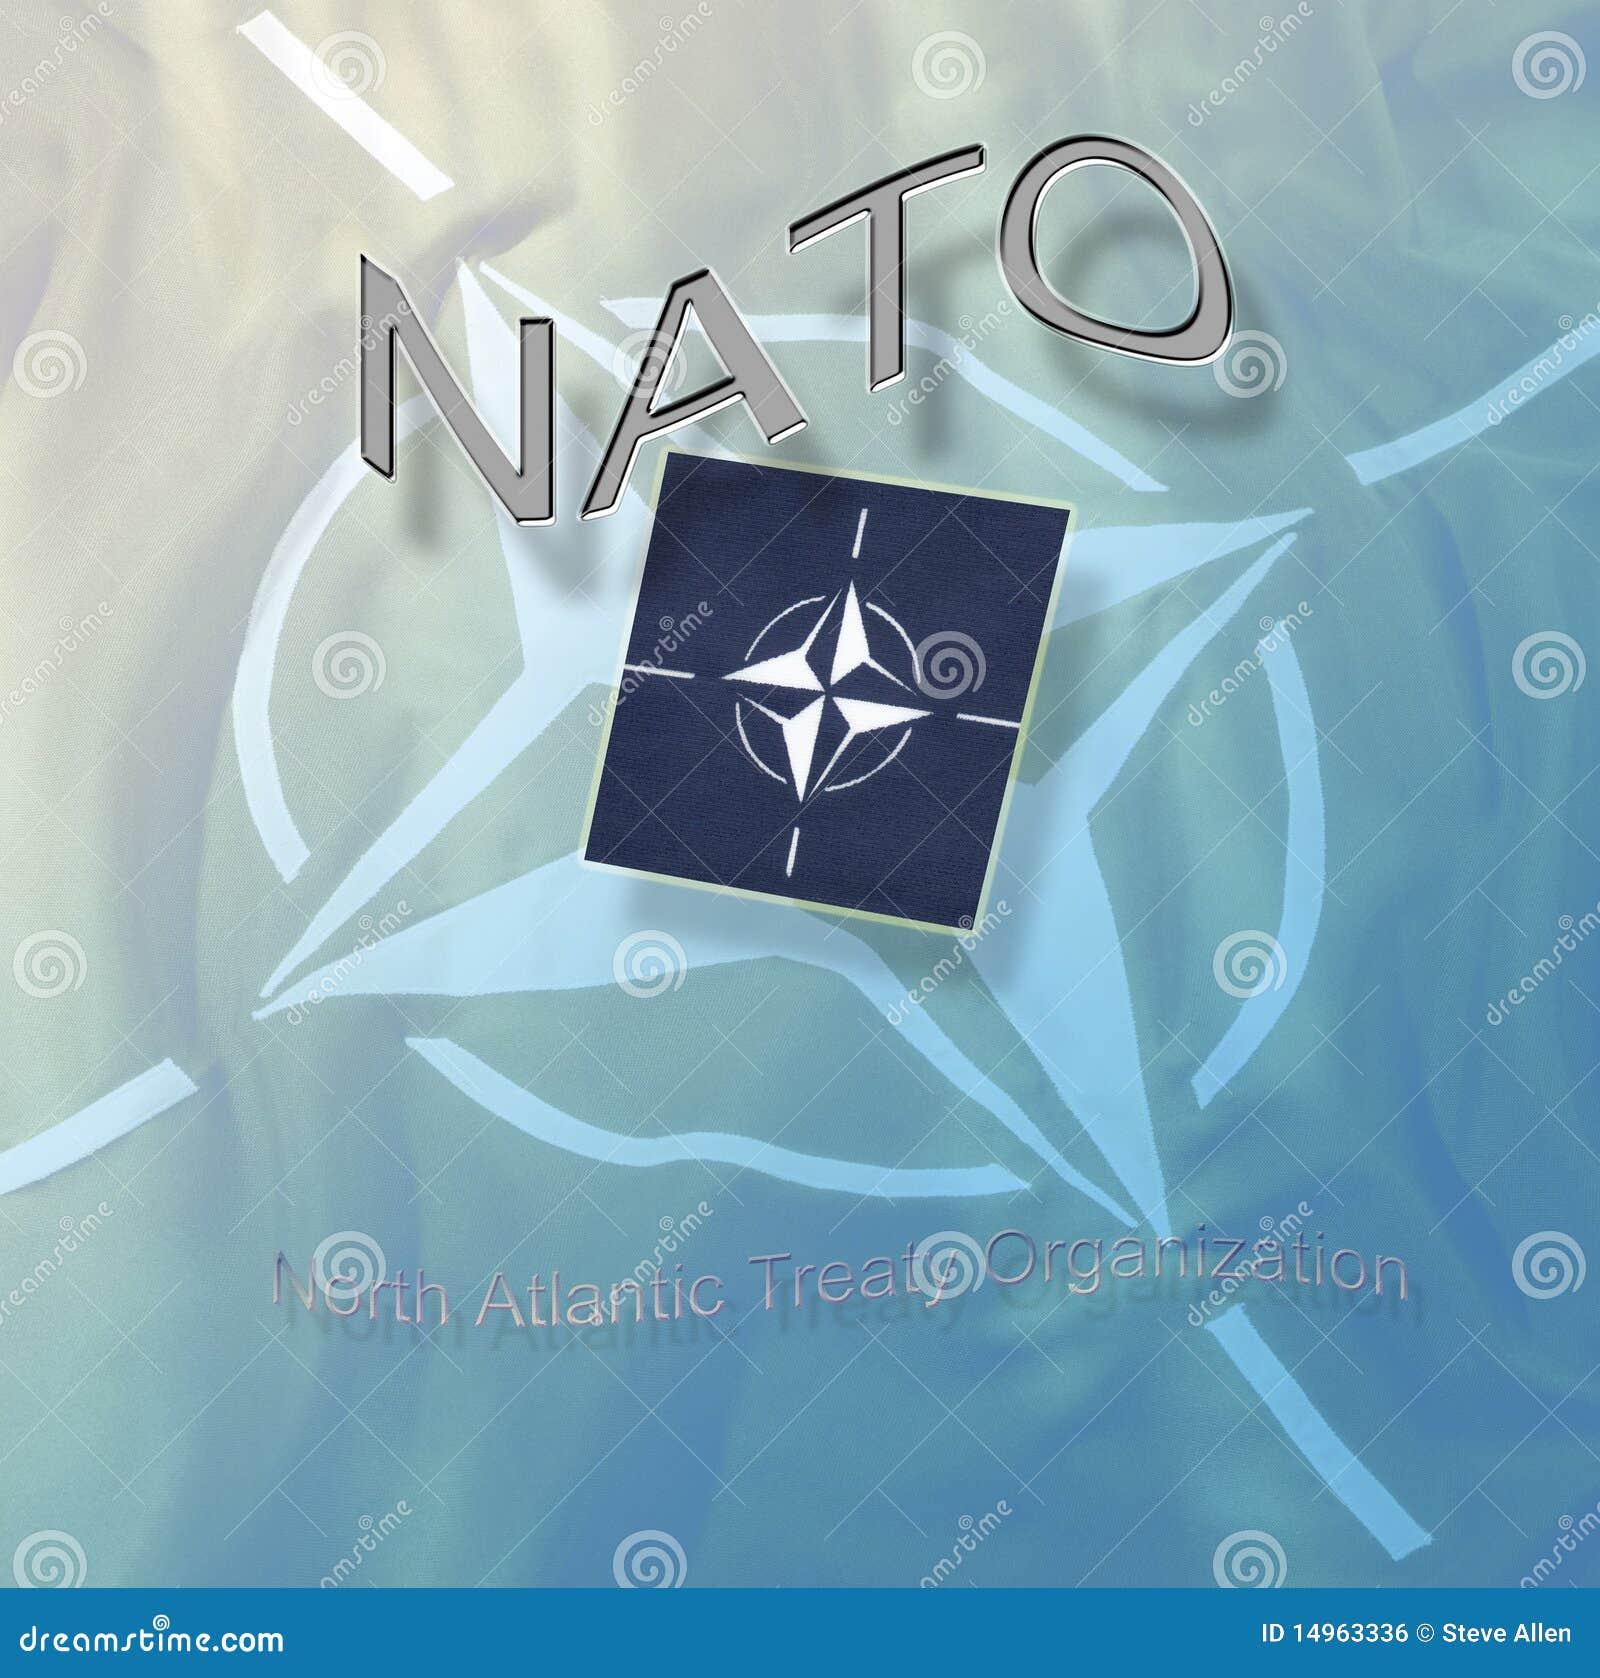 nato symbols royalty free stock image image 14963336